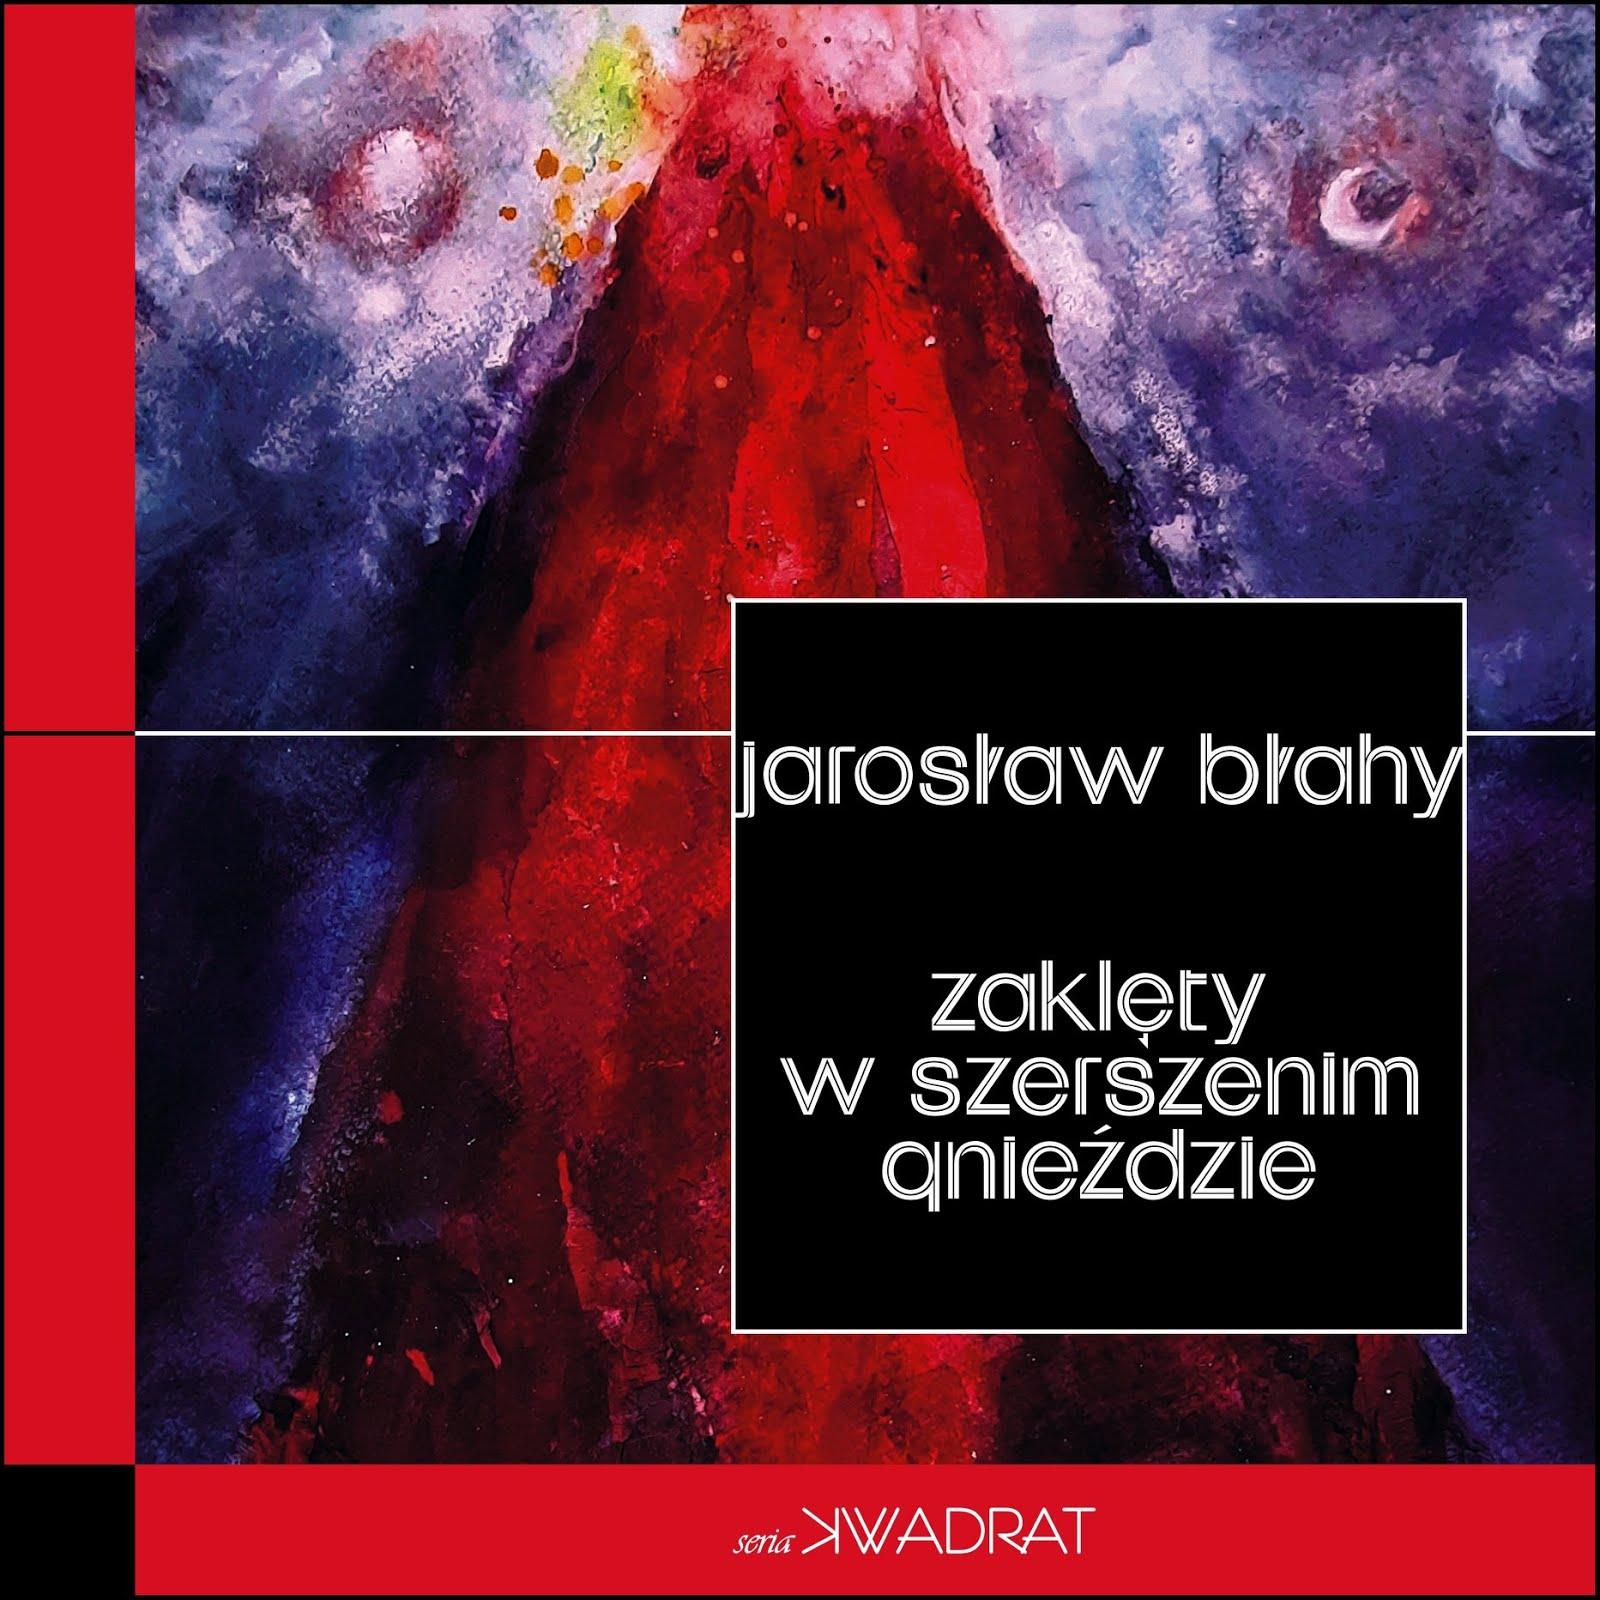 """Jarosław Błahy """"Zaklęty w szerszenim gnieździe"""""""